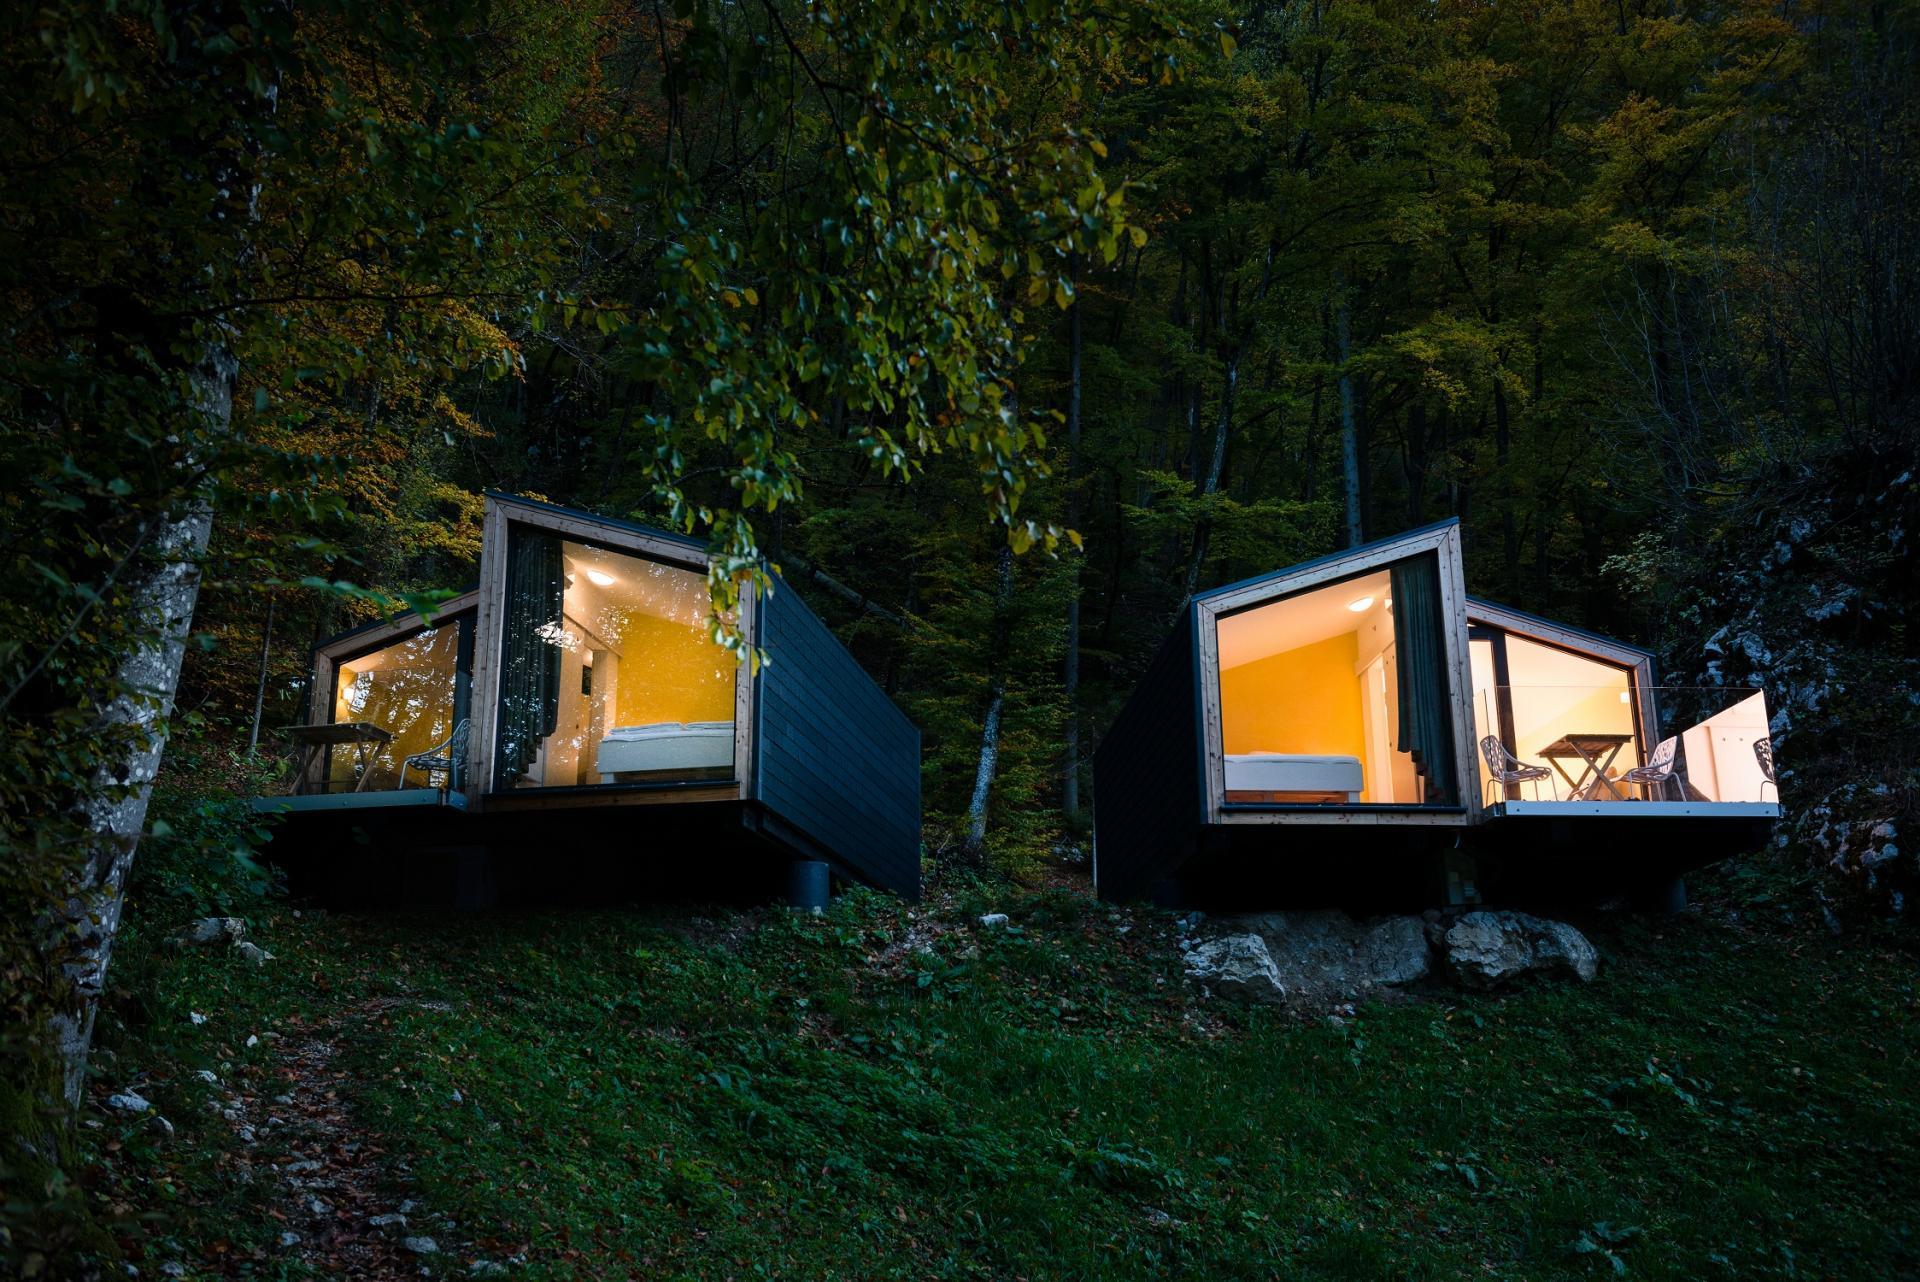 Maison Ossature Bois Suede une maison préfabriquée écologique en bois - la-mini-maison